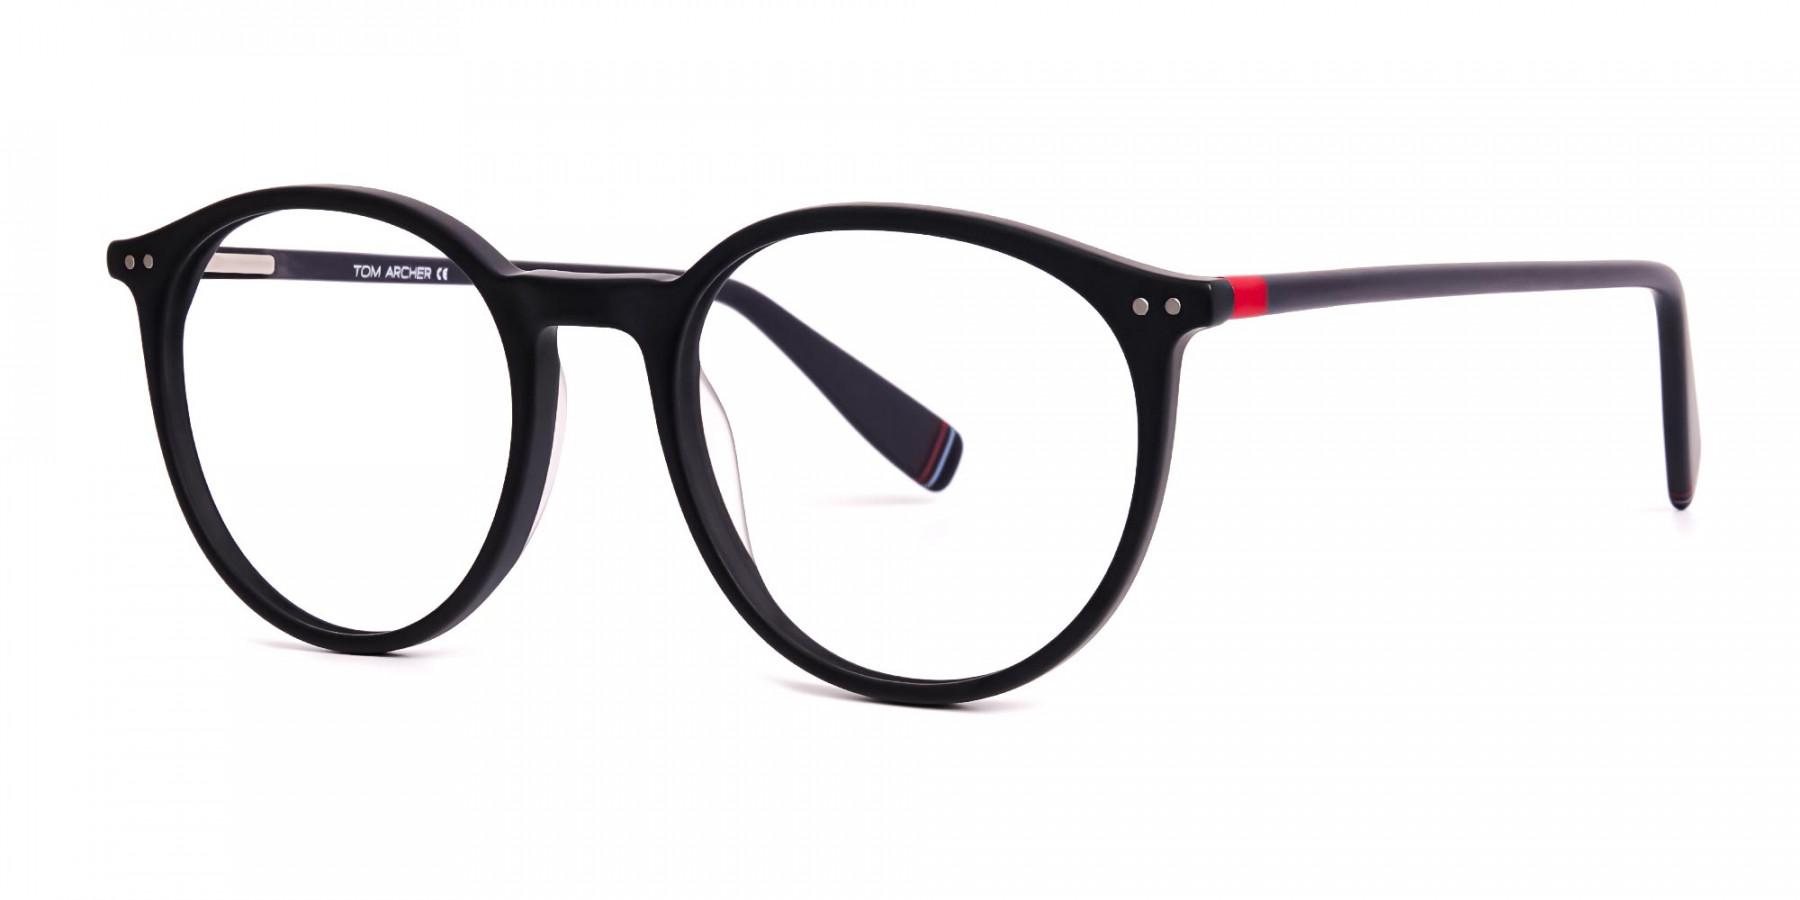 Matte-Dark-Grey-Round-Glasses-frames-1